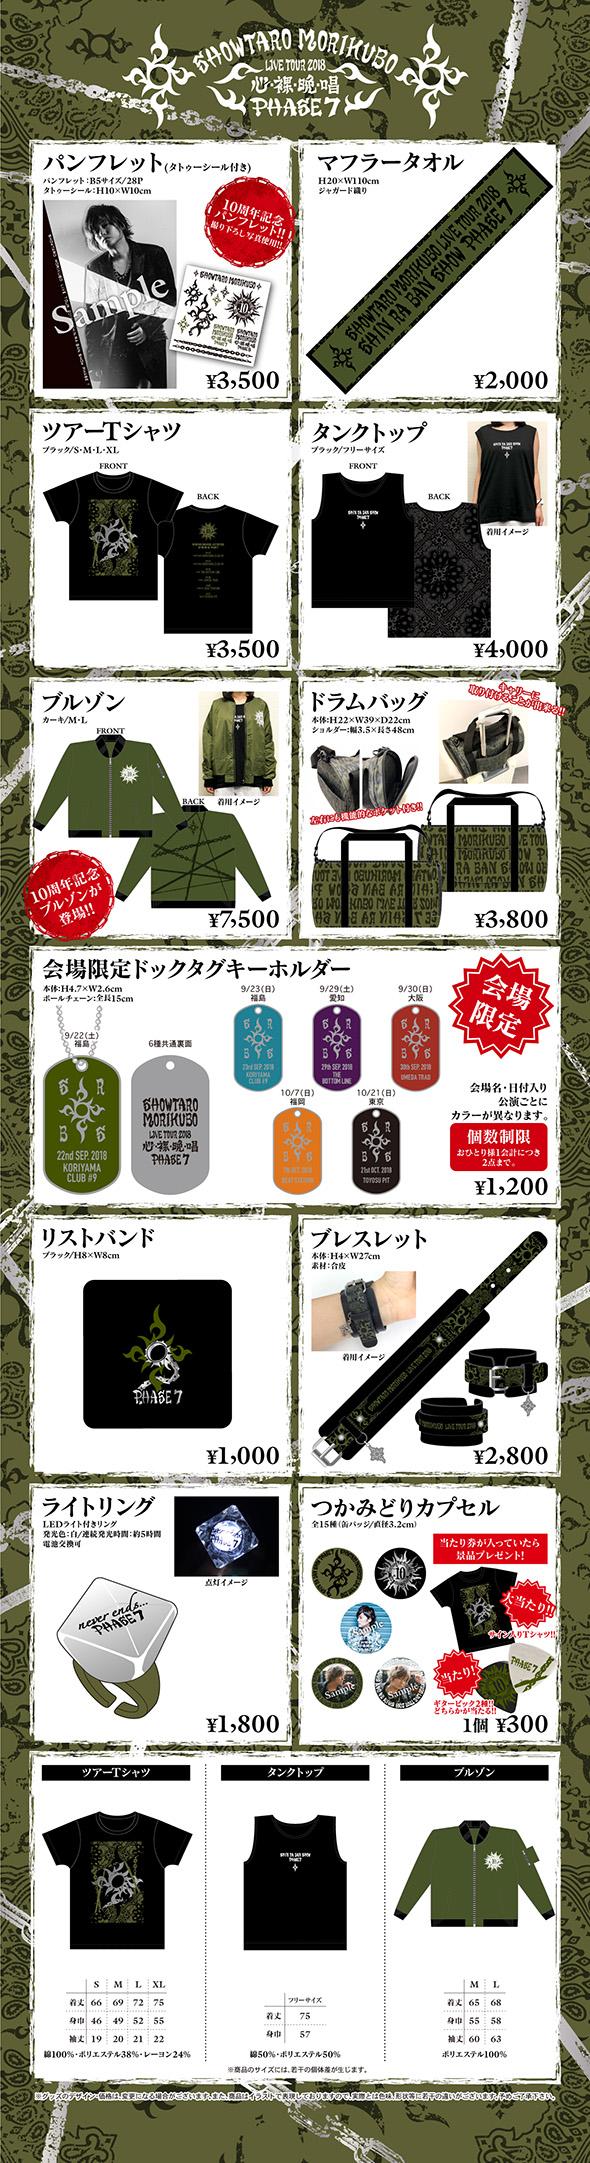 18091201-goods.jpg